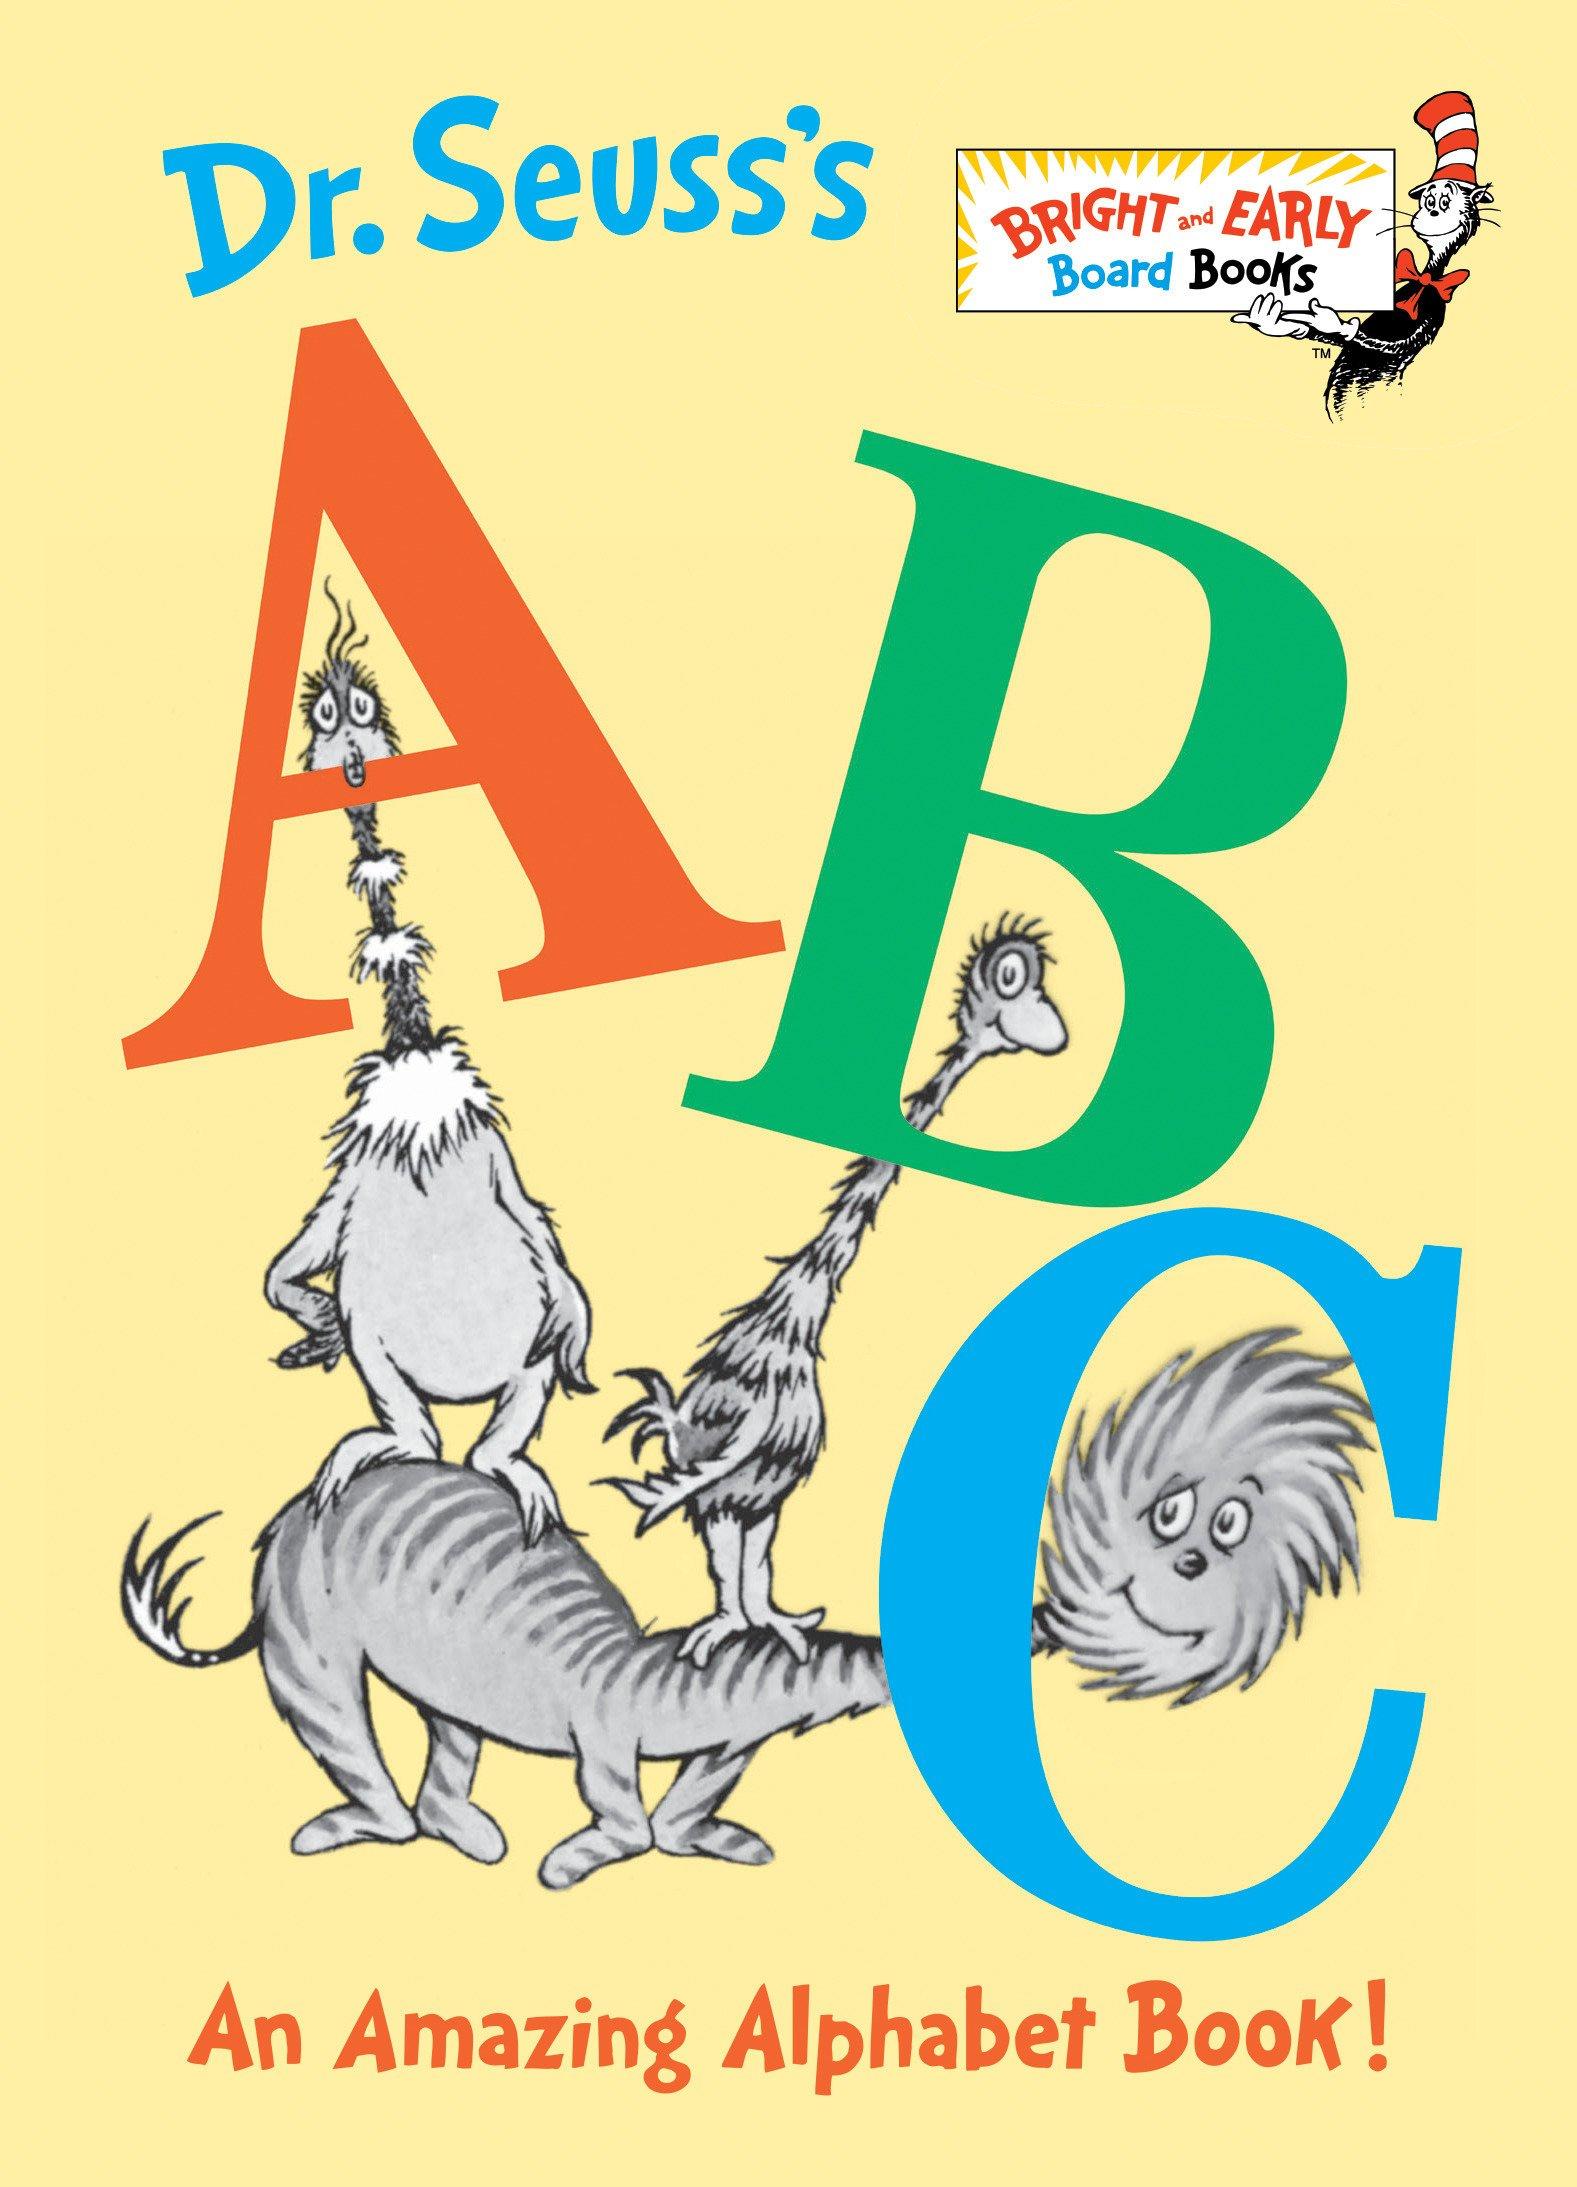 The Best ABC Picture Books - Dr. Seuss' ABC.jpg